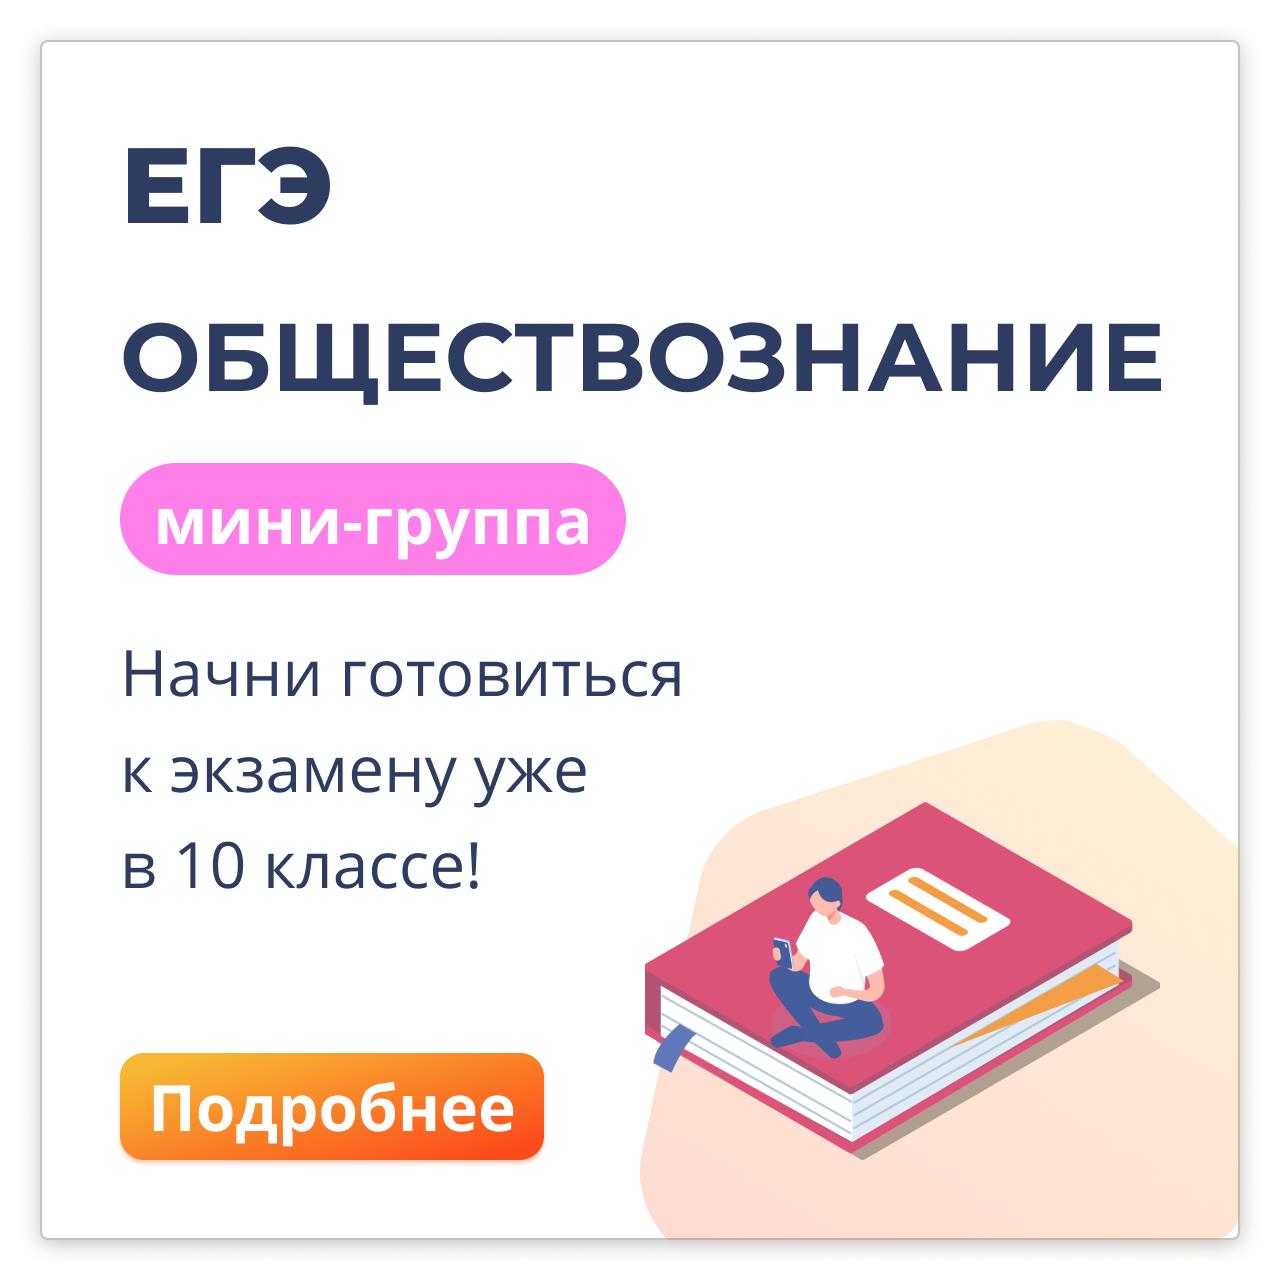 Обществознание ЕГЭ Онлайн Мини-группа